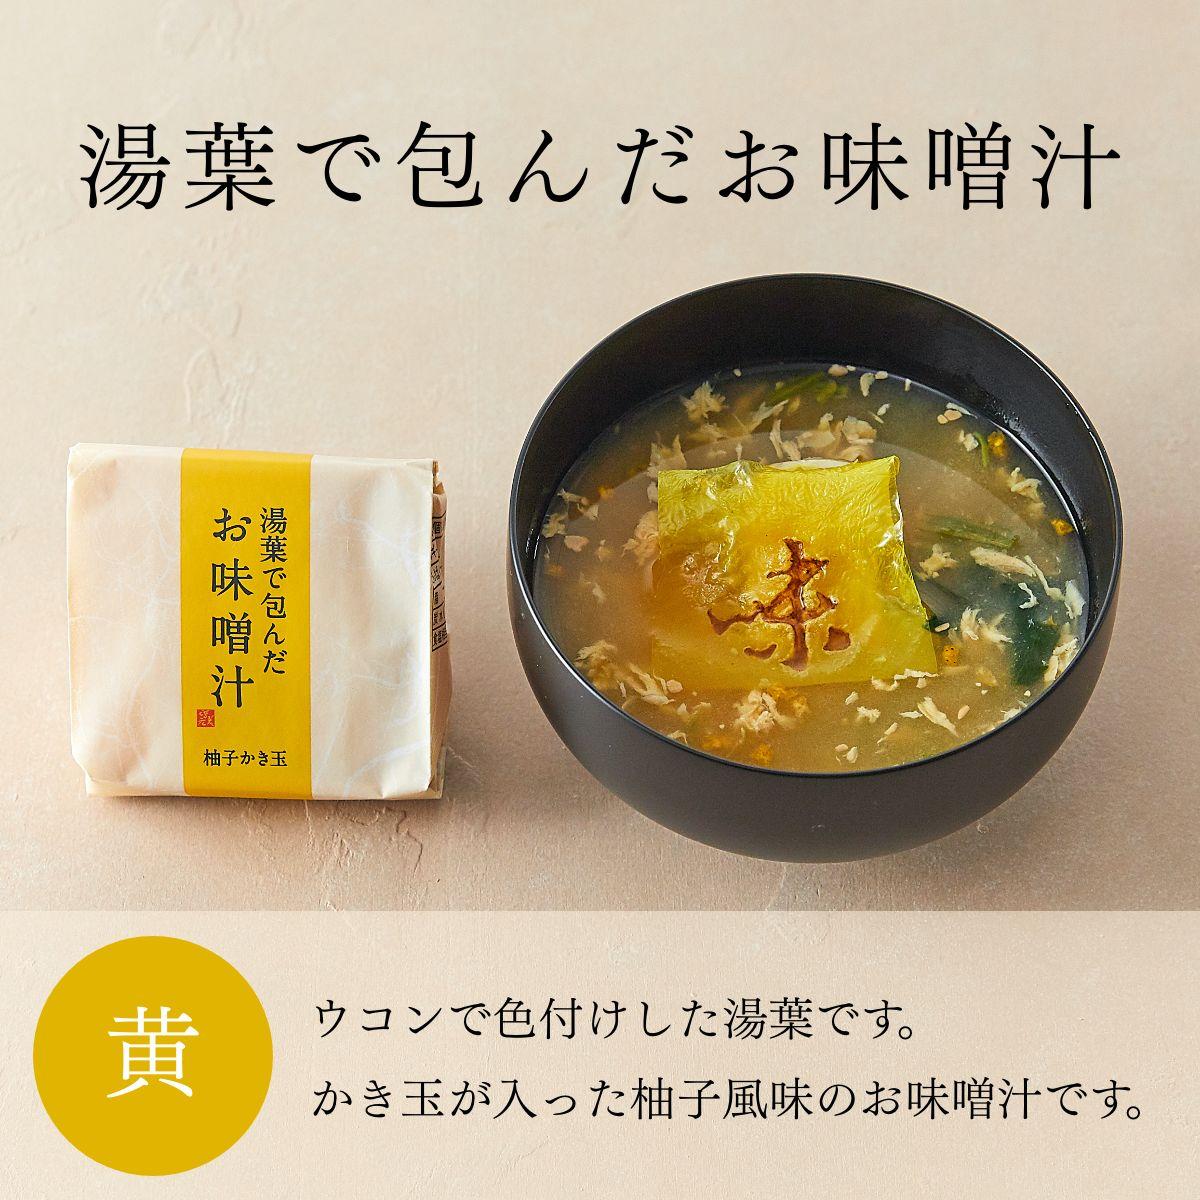 湯葉で包んだお味噌汁 9個箱(B-102)